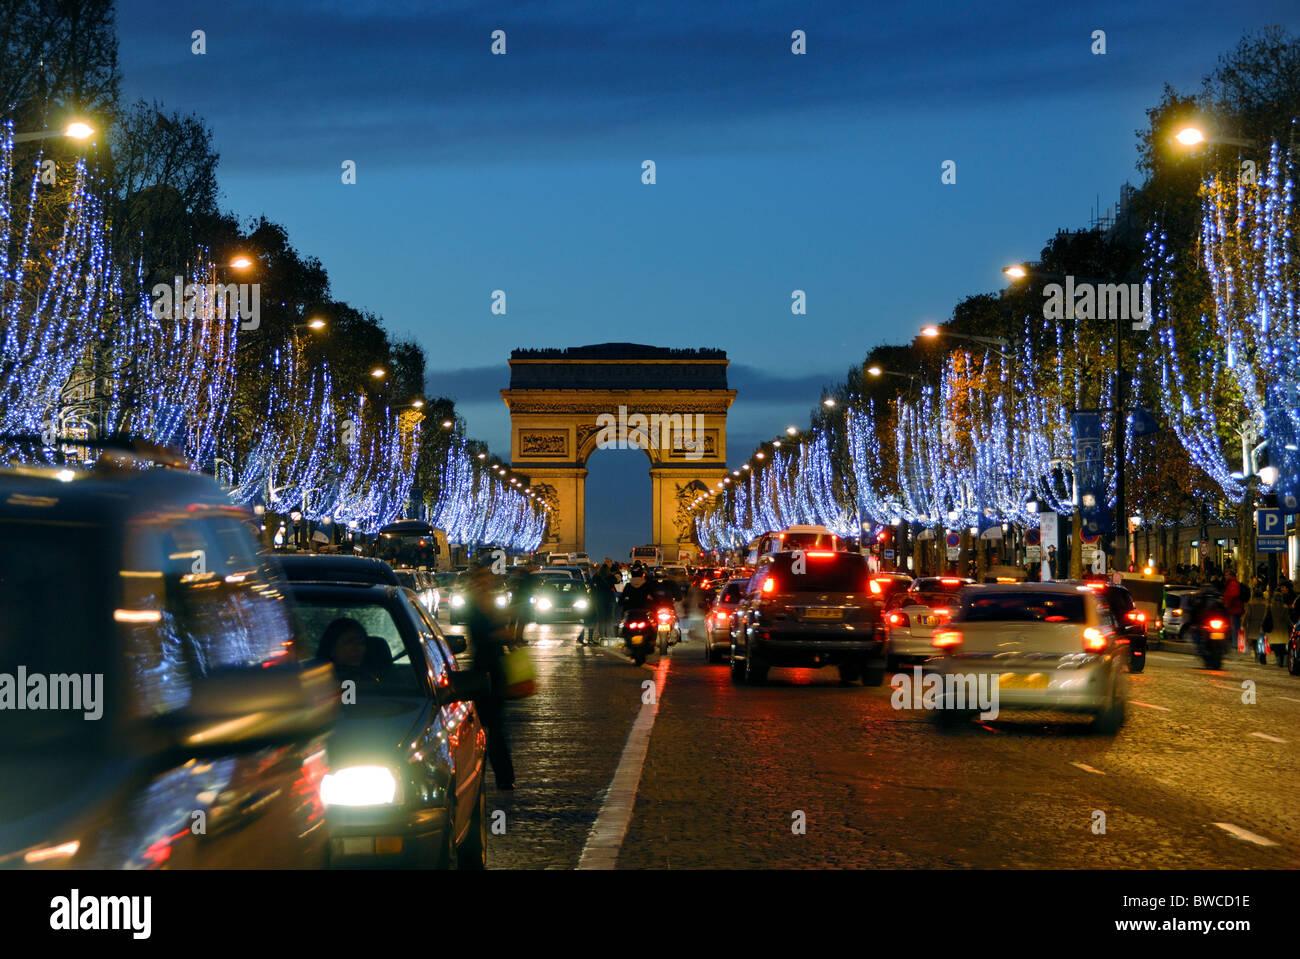 Weihnachtsbeleuchtung Außen Bogen.Paris Frankreich Avenue Des Champs Elysées Und Triumphbogen